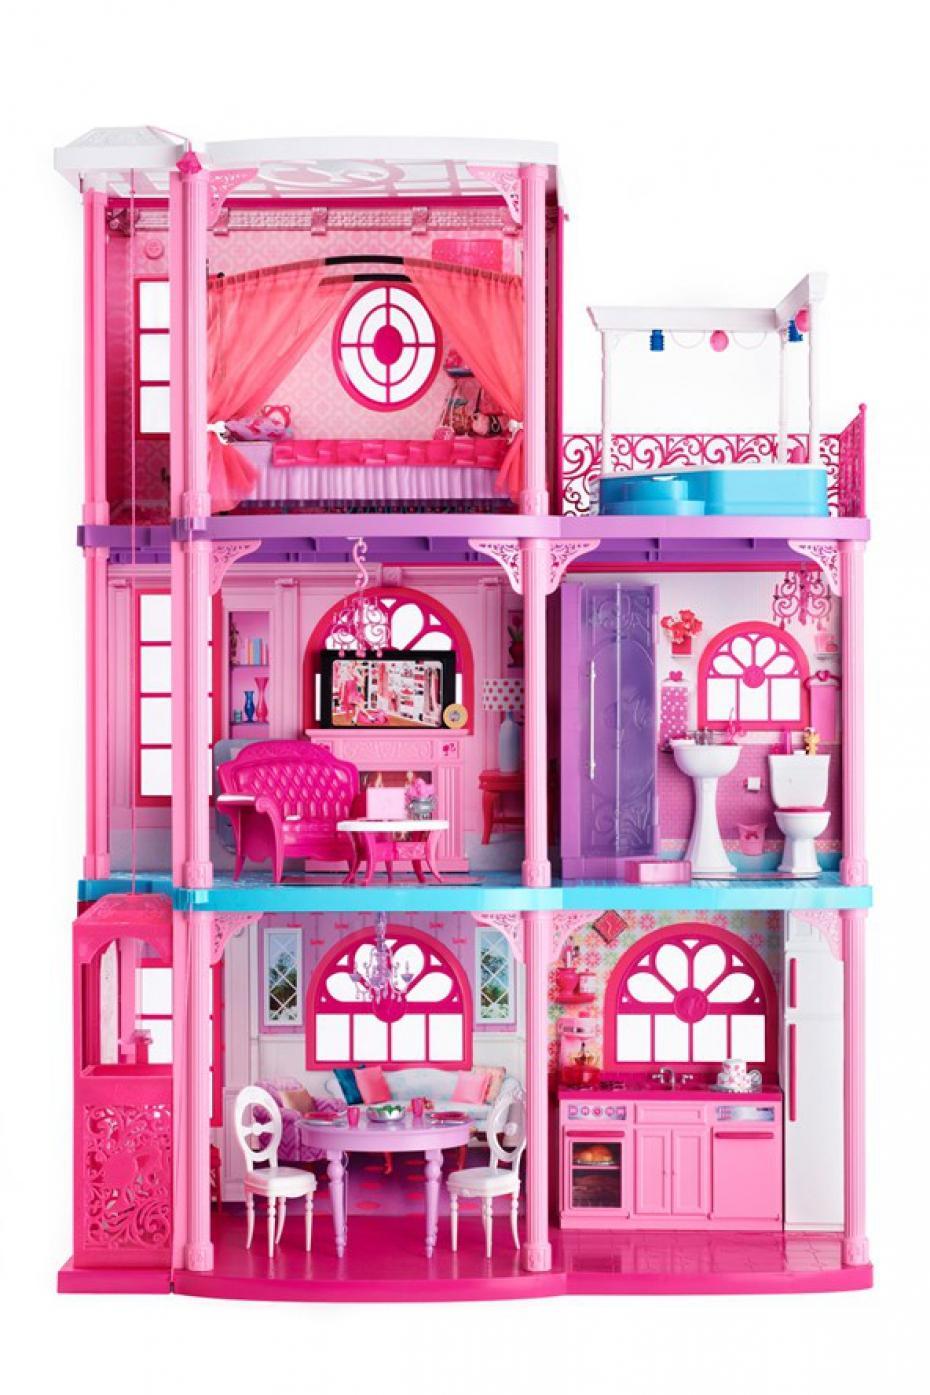 comment fabriquer une maison de barbie ? - Les Differentes Etapes De La Construction D Une Maison